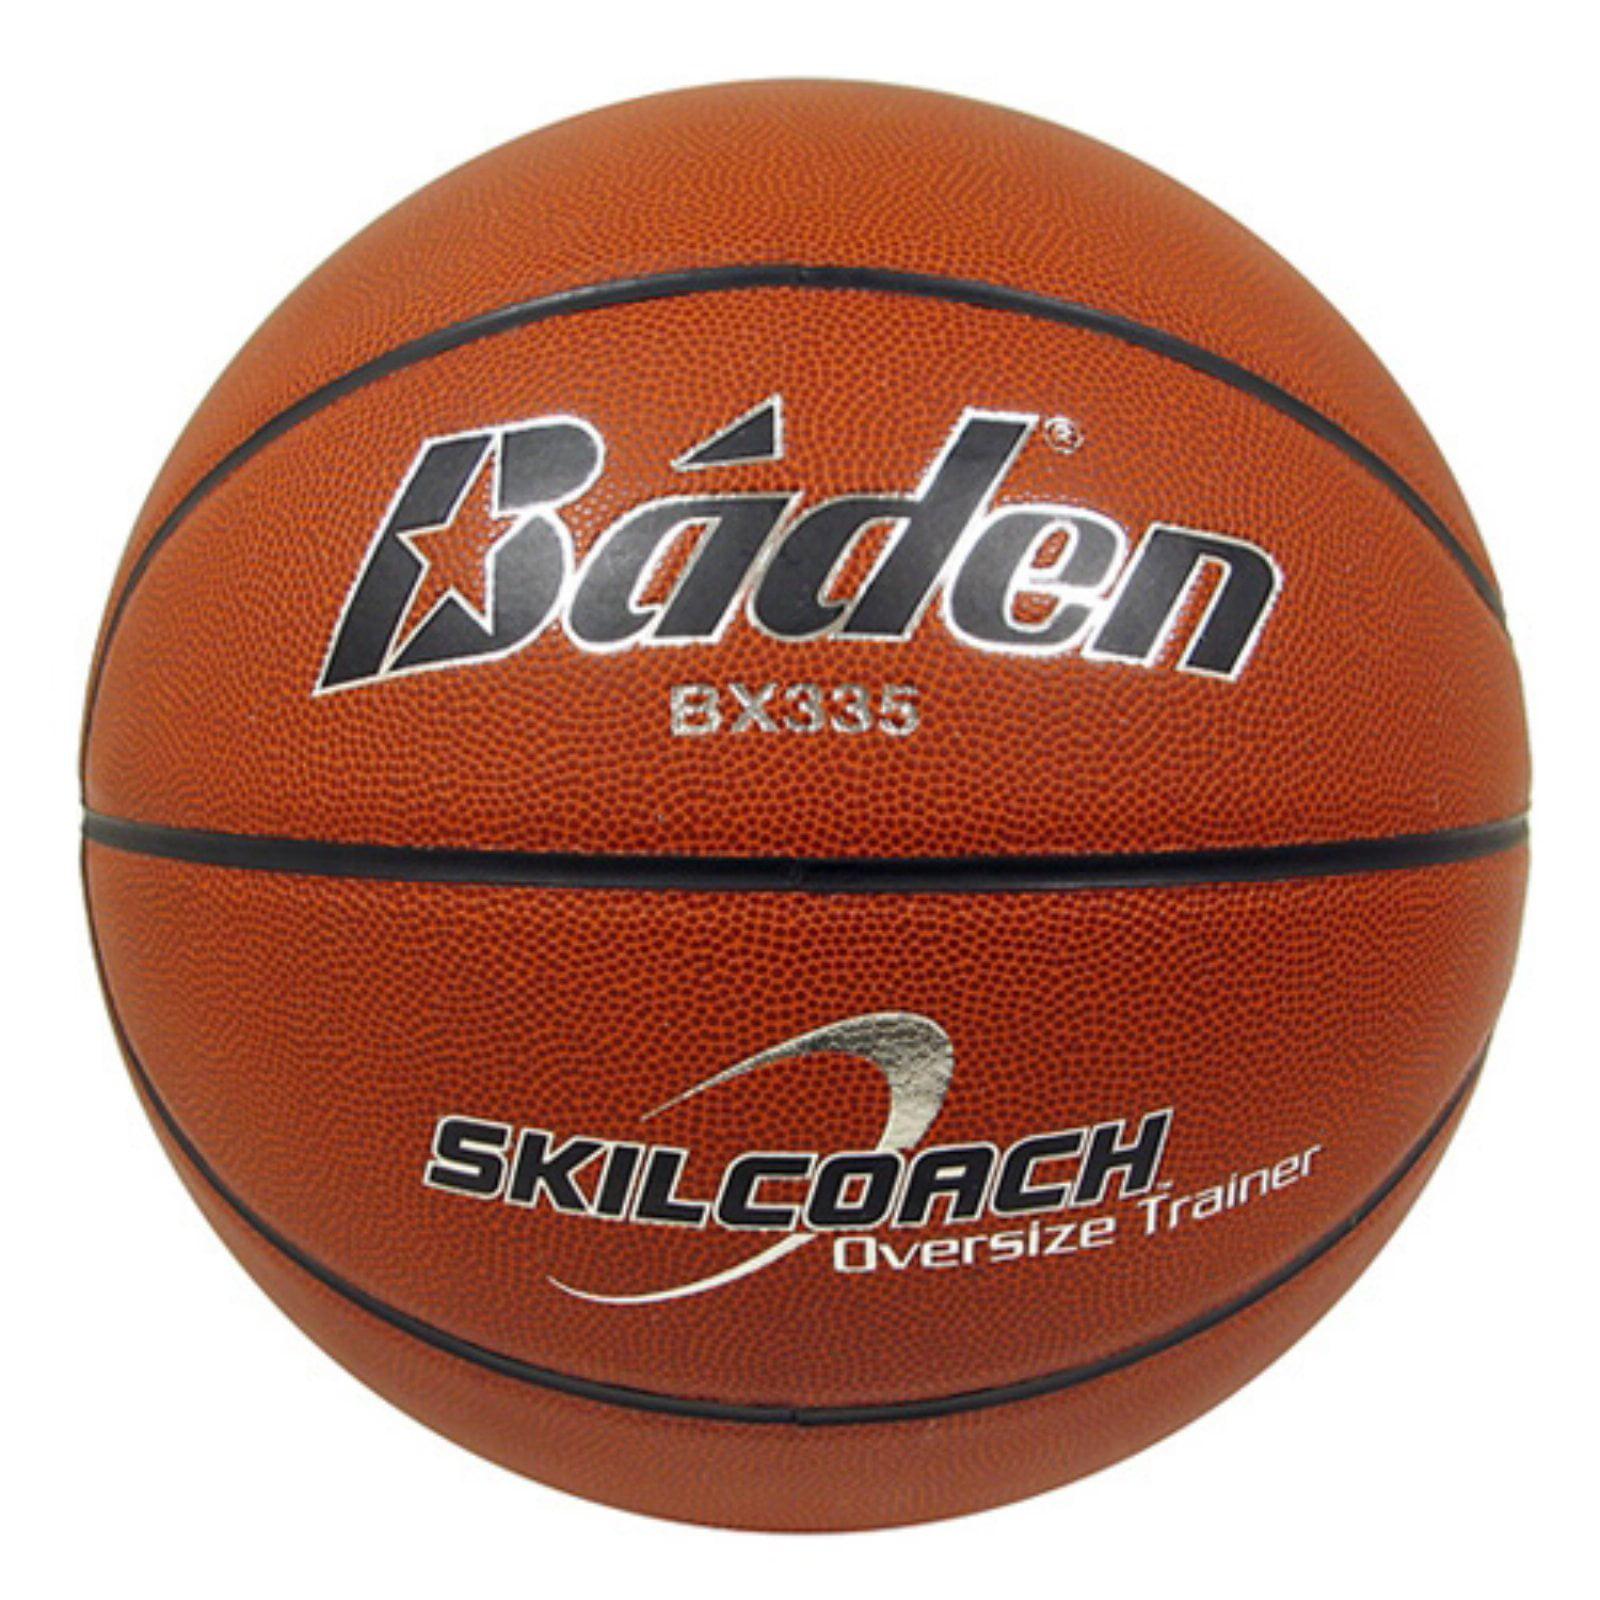 Baden Basketball Composite 35 SkilCoach by Baden